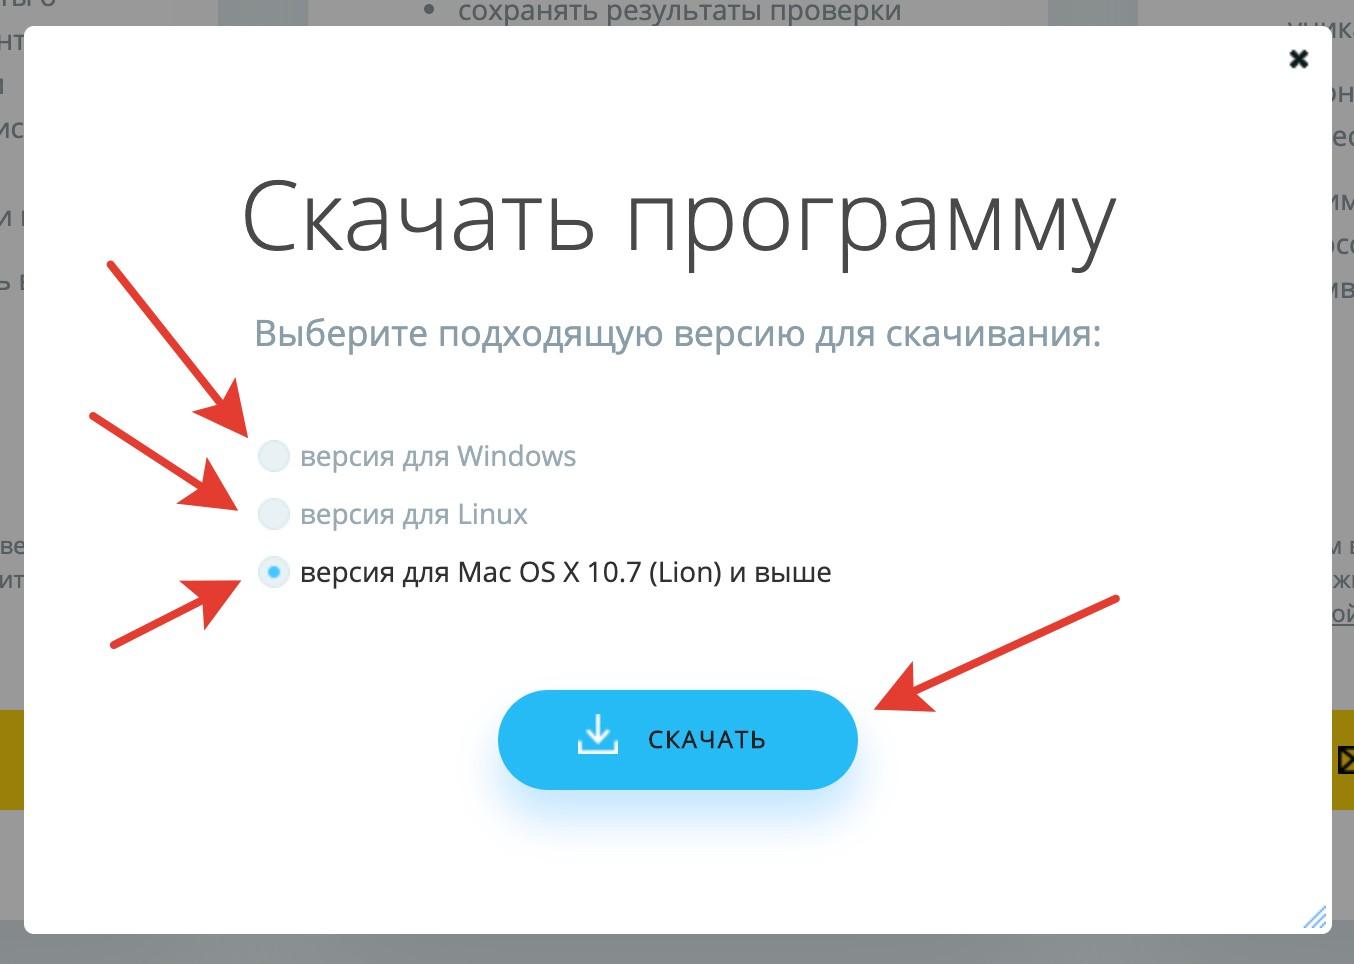 2019 08 06 18 14 56 - Проверить текст на уникальность - инструкция